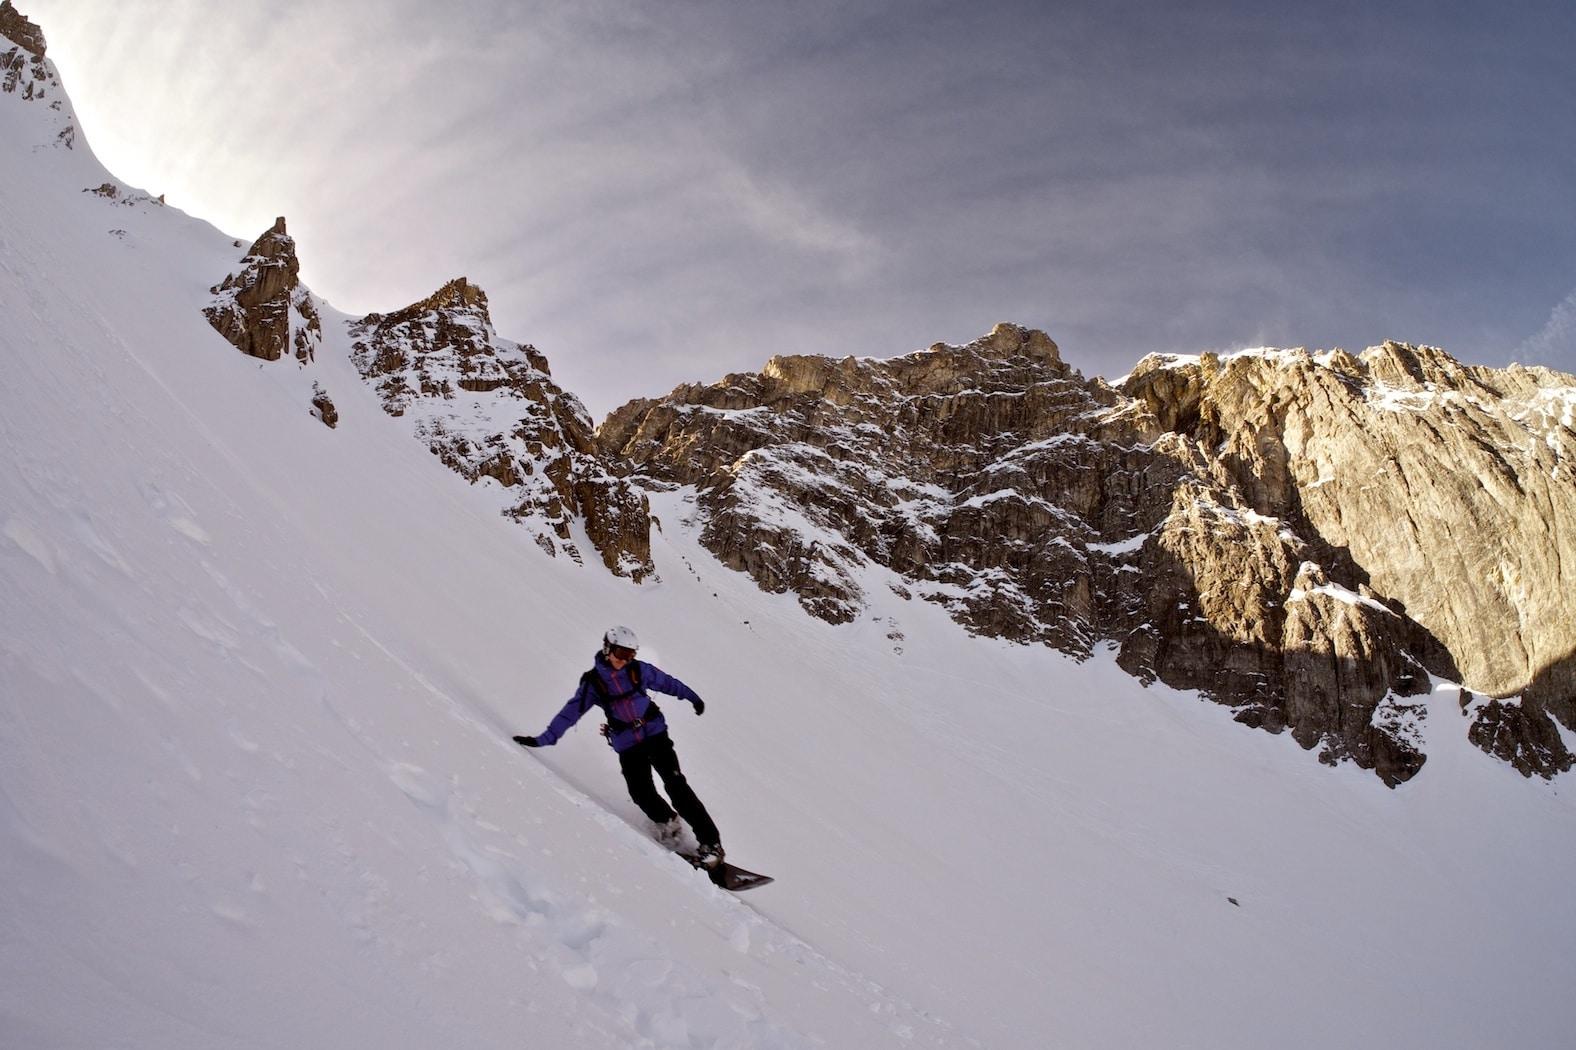 Ski im Salzburger Land - meine Wochenend-Tourentipps